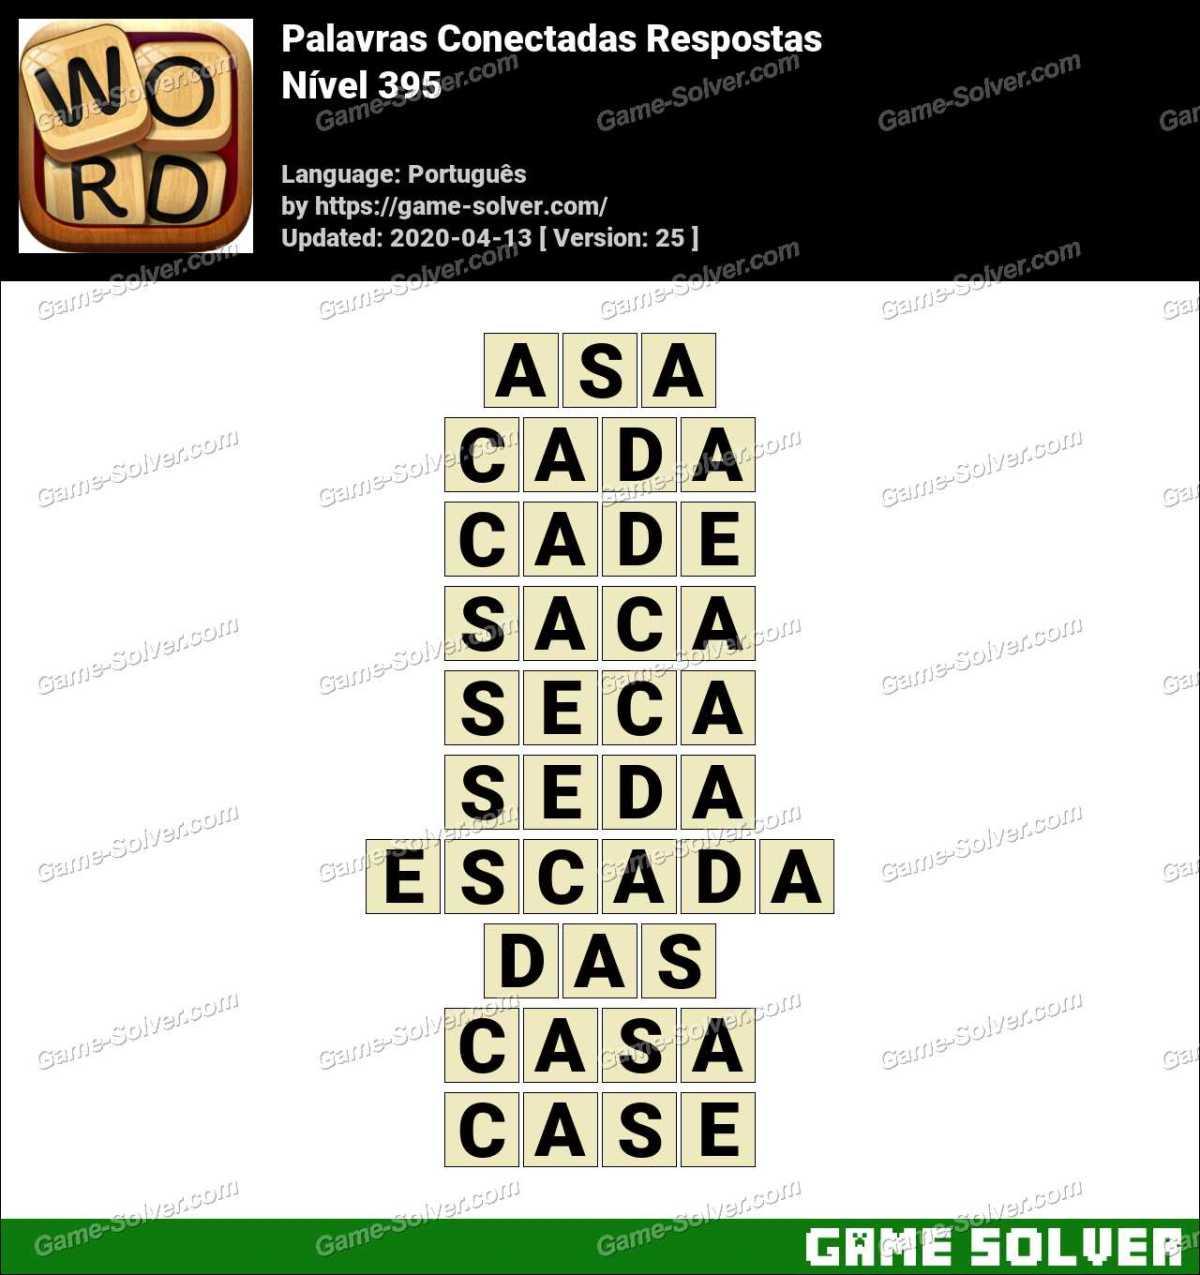 Palavras Conectadas Nivel 395 Respostas